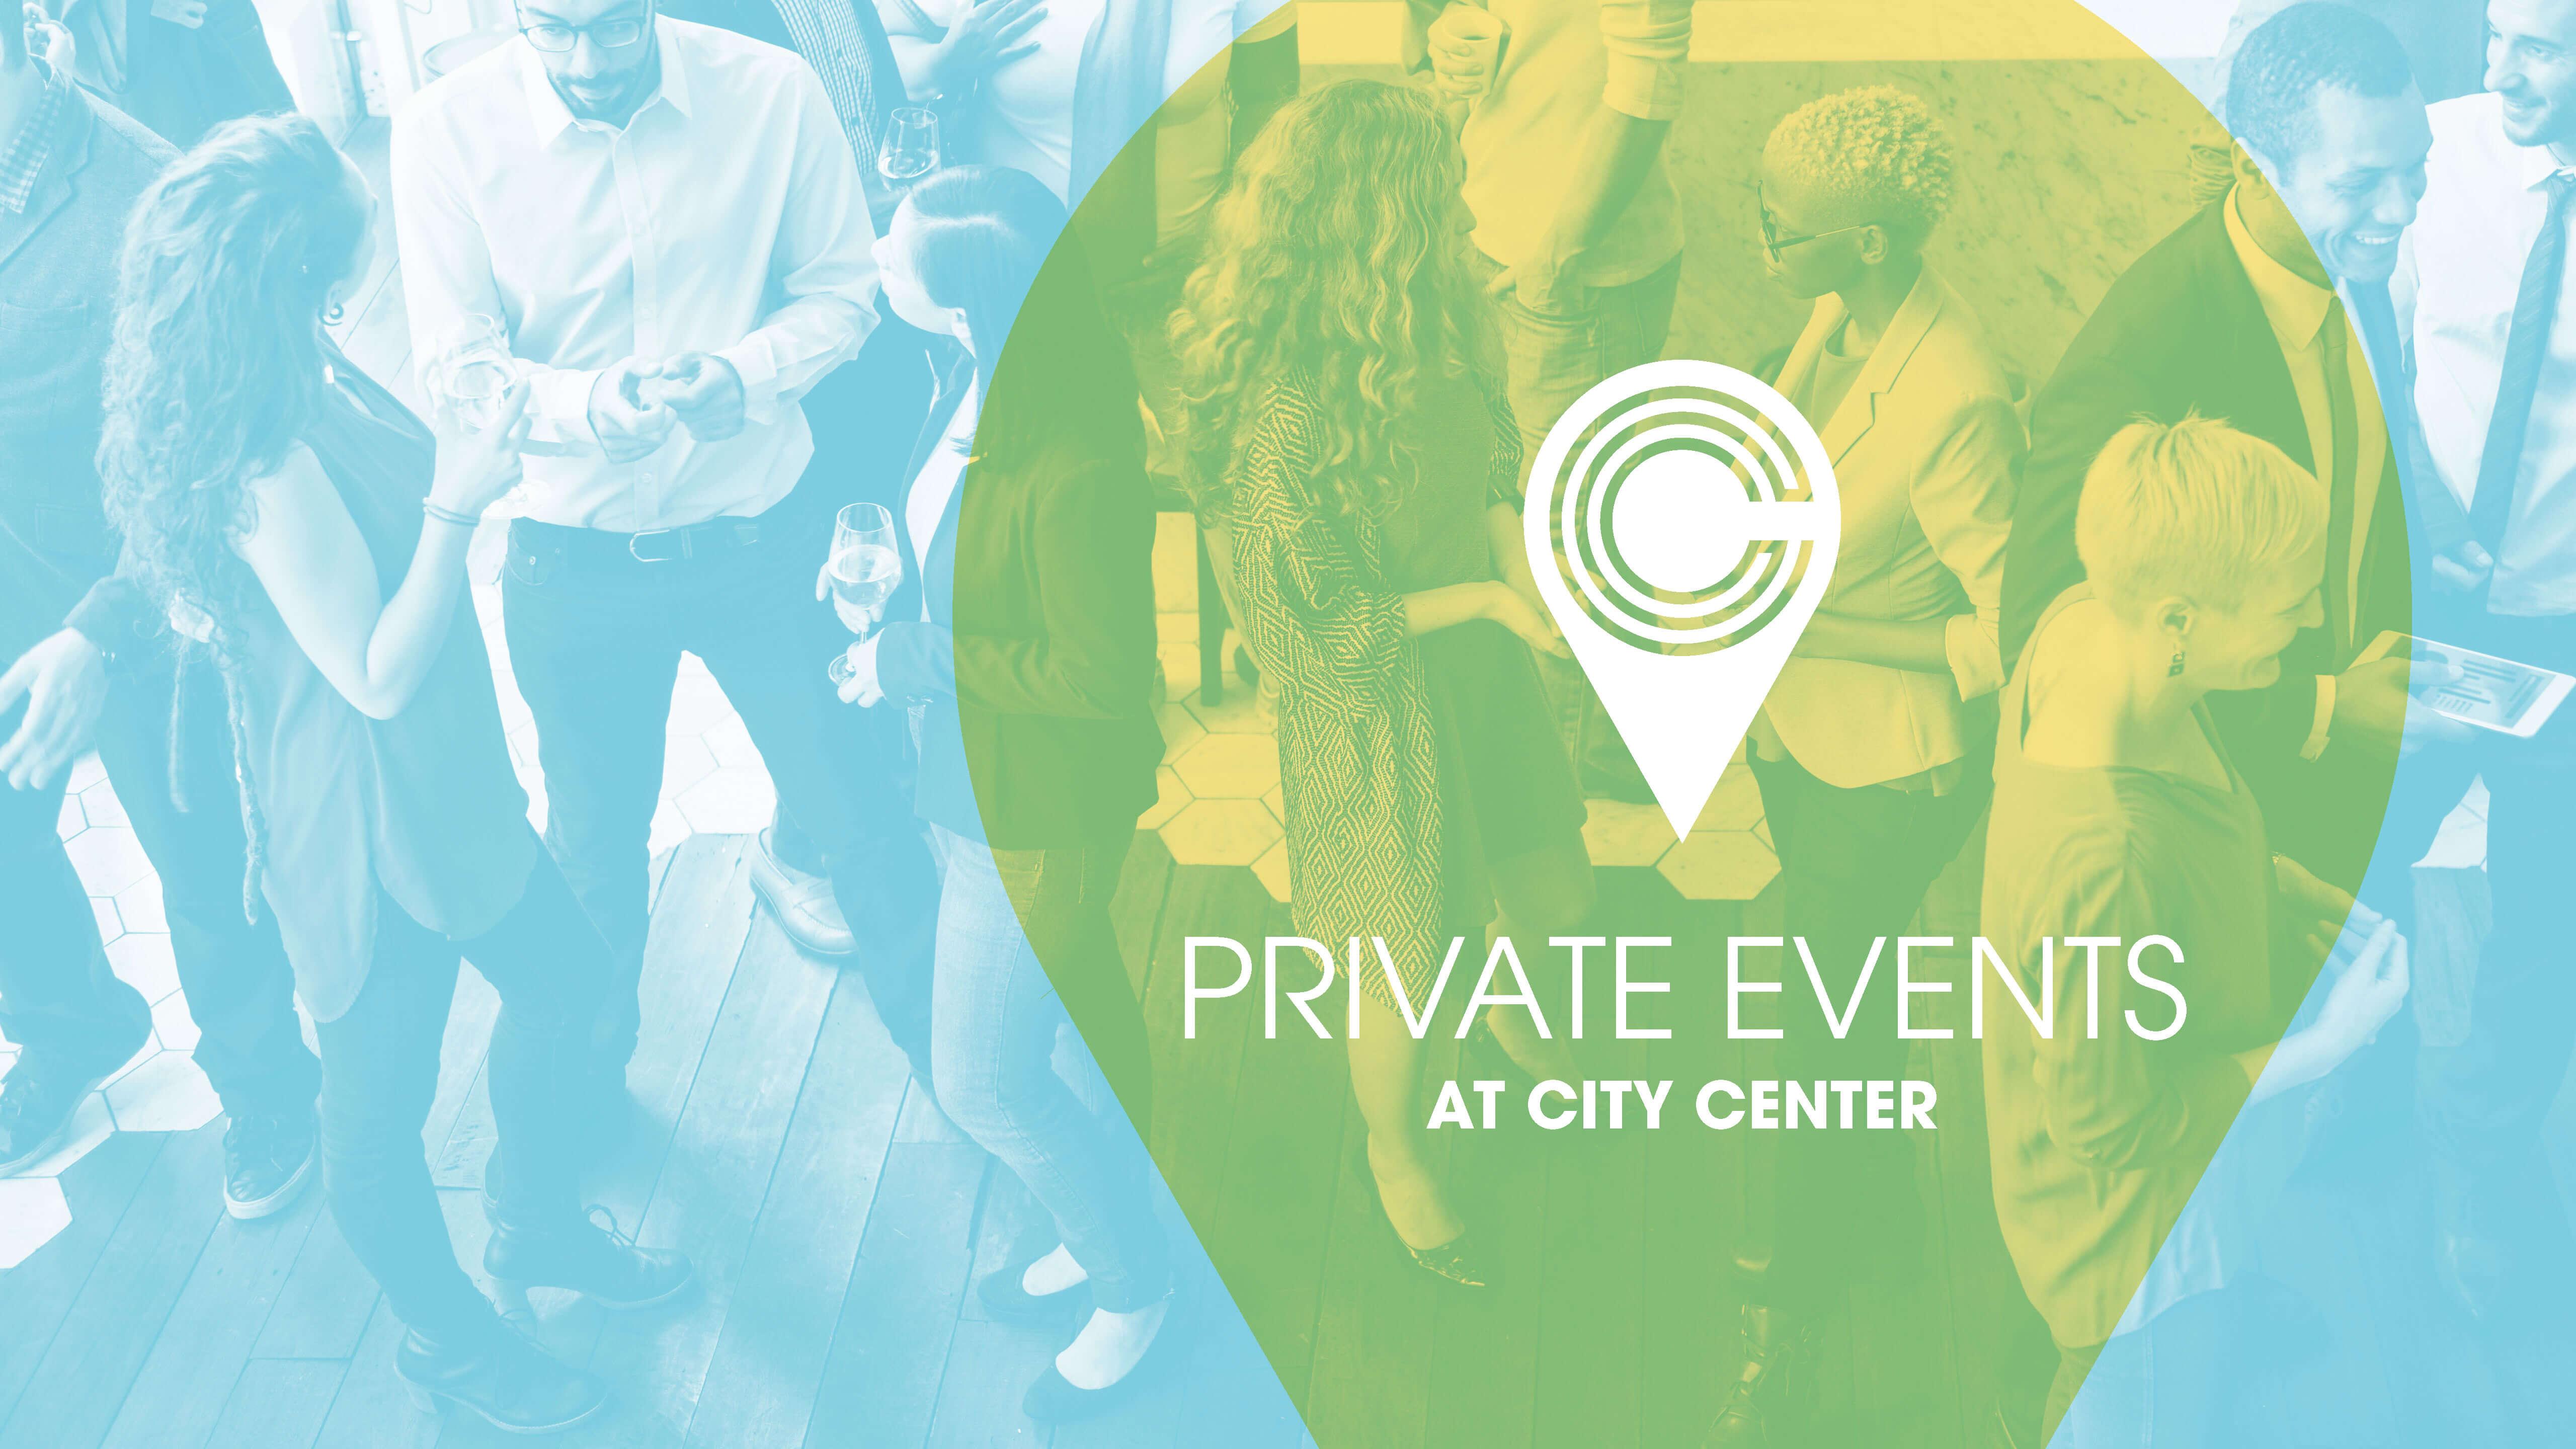 City Center - Branding